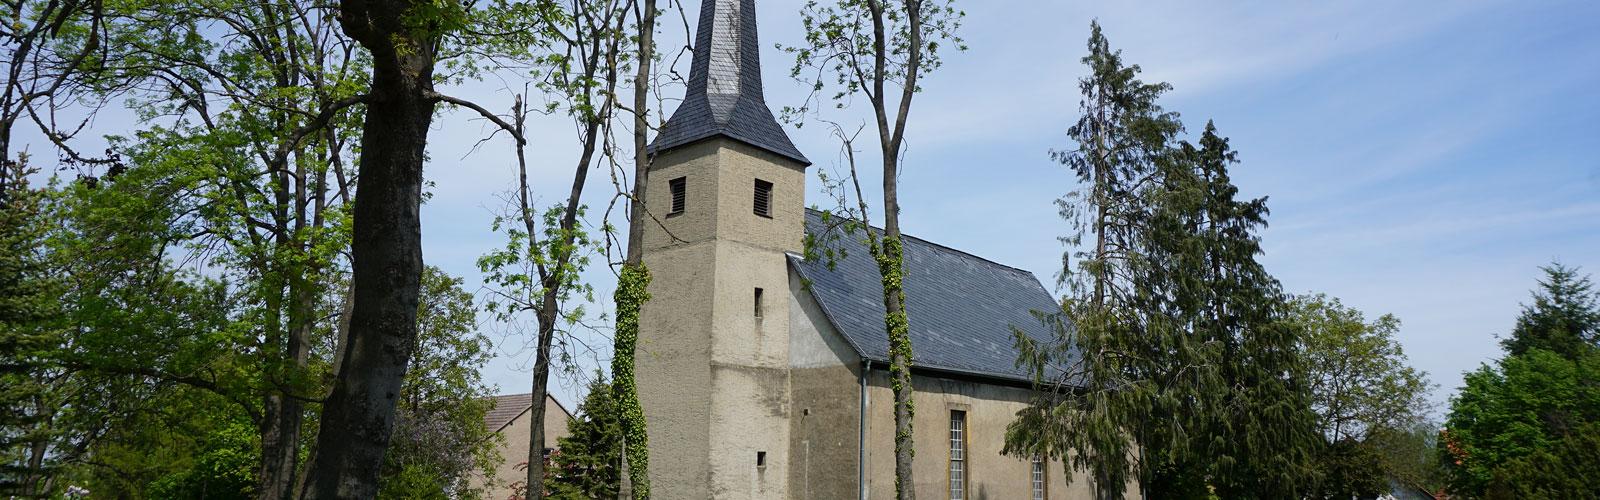 Ballstedt